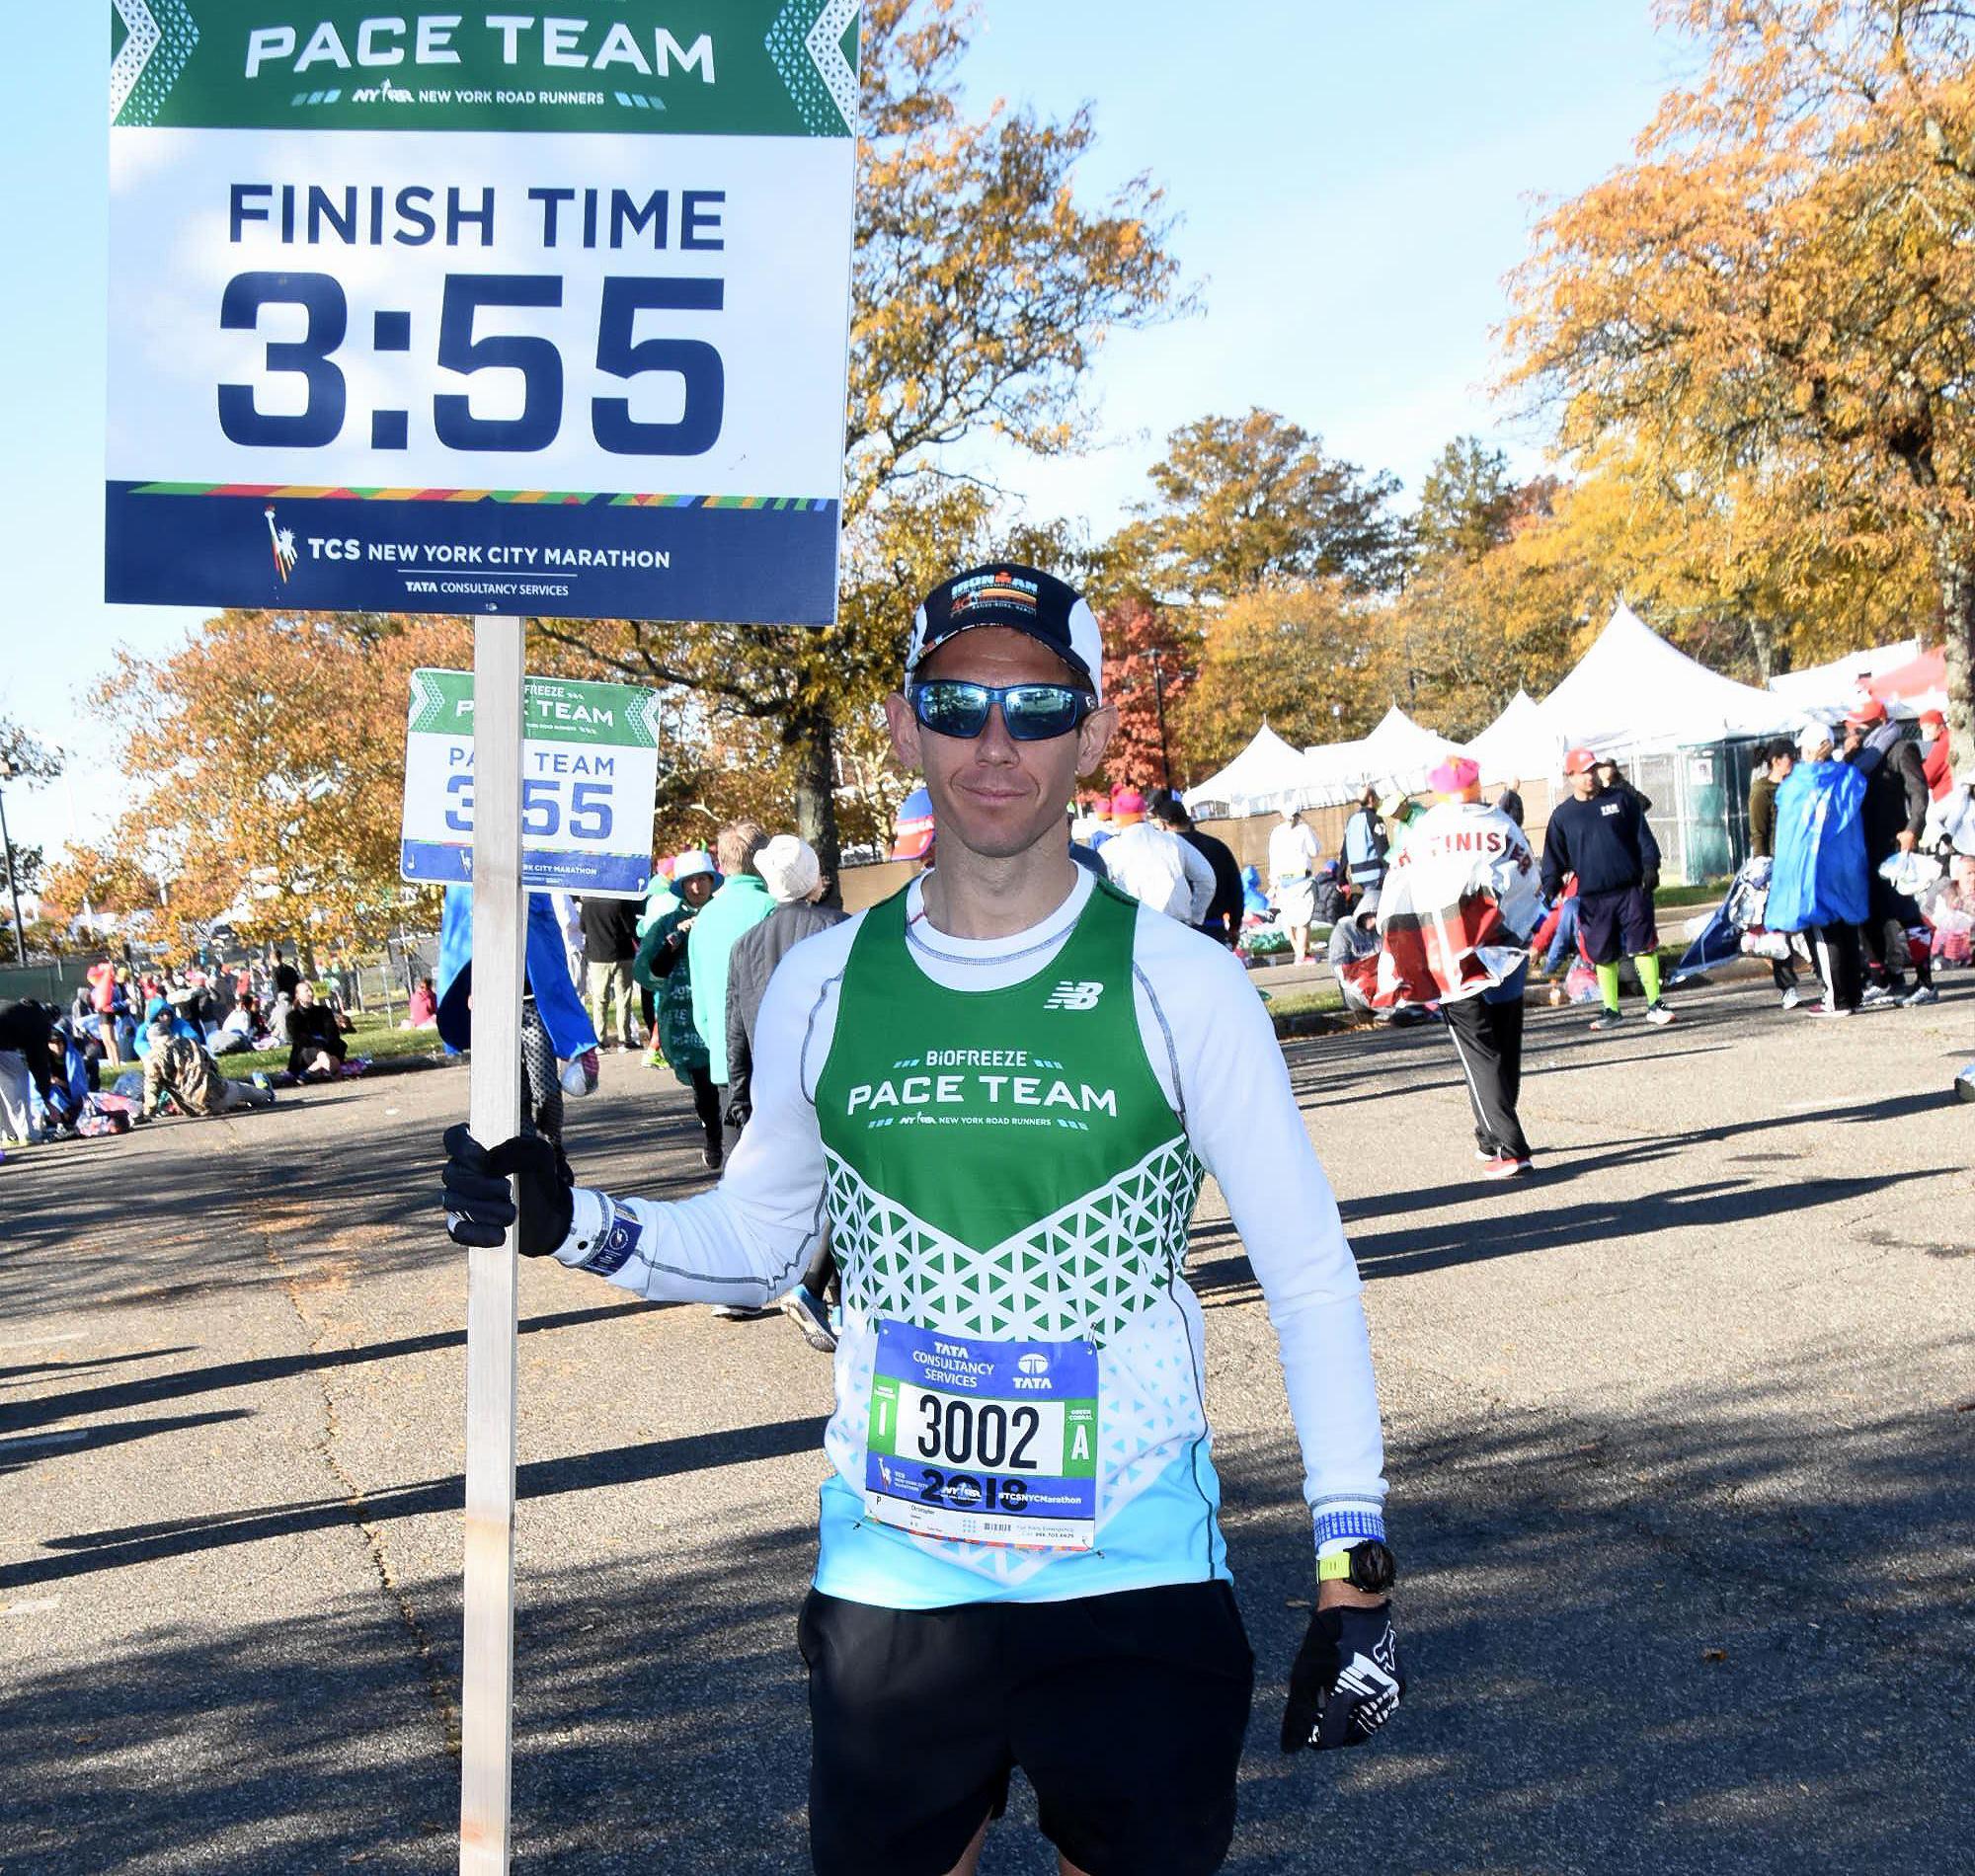 Pace Team member Chris Calimano